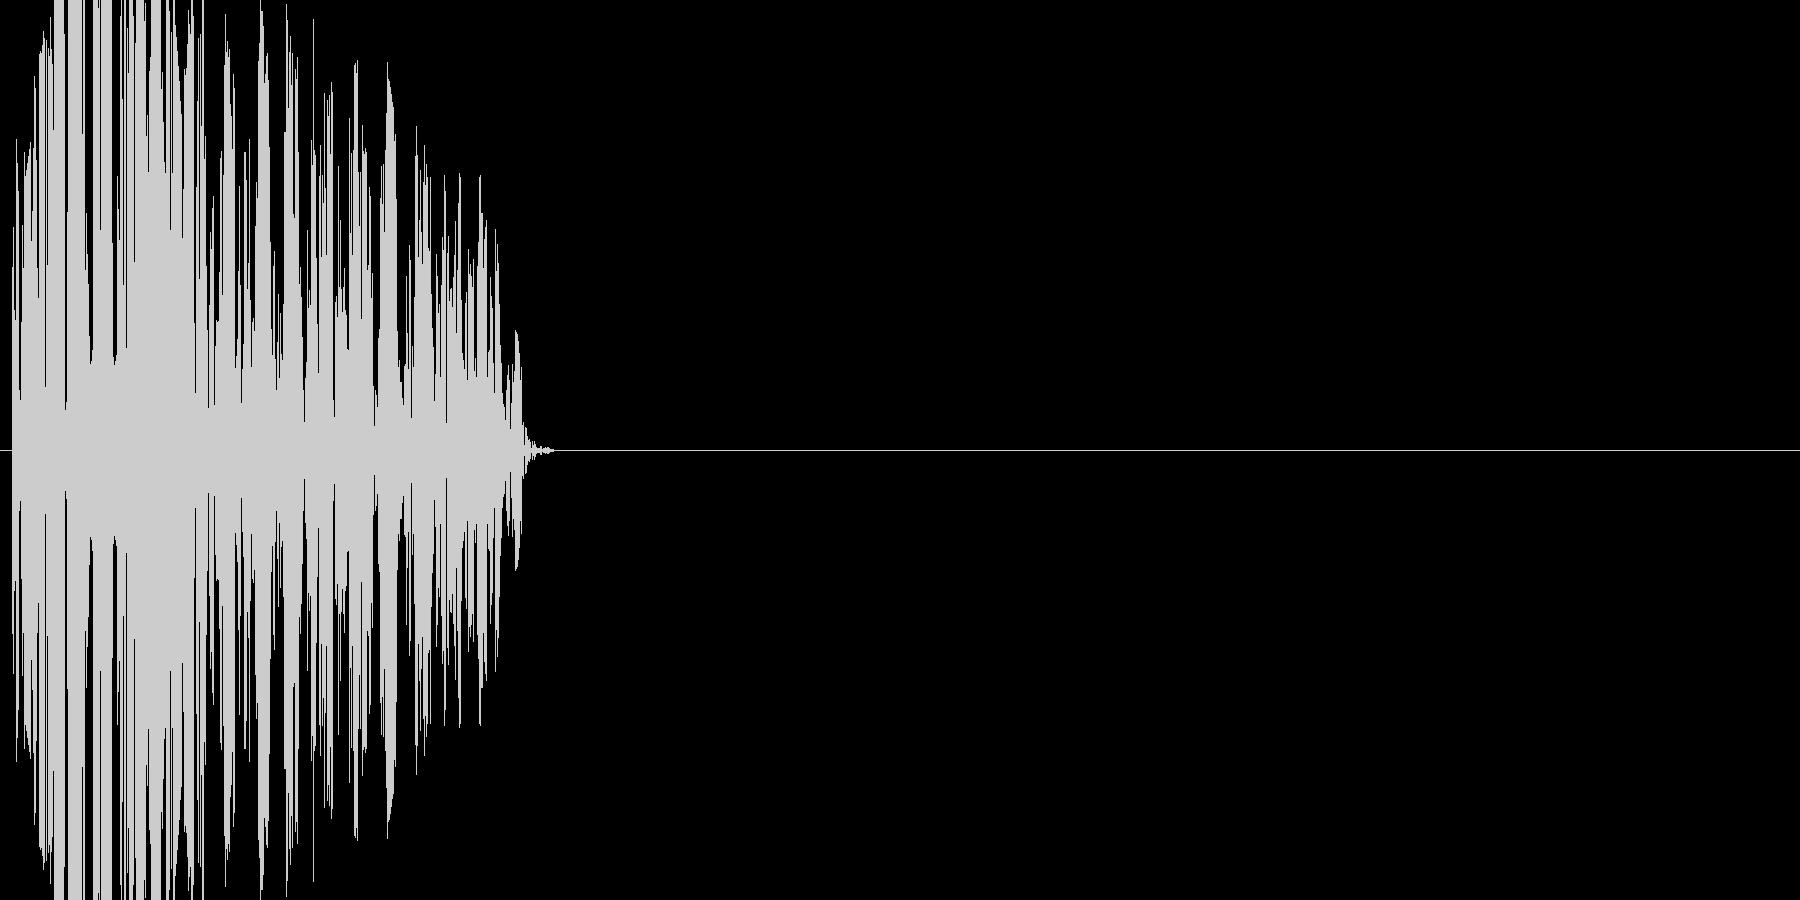 ボタン・カーソル・操作音 「カッ」の未再生の波形